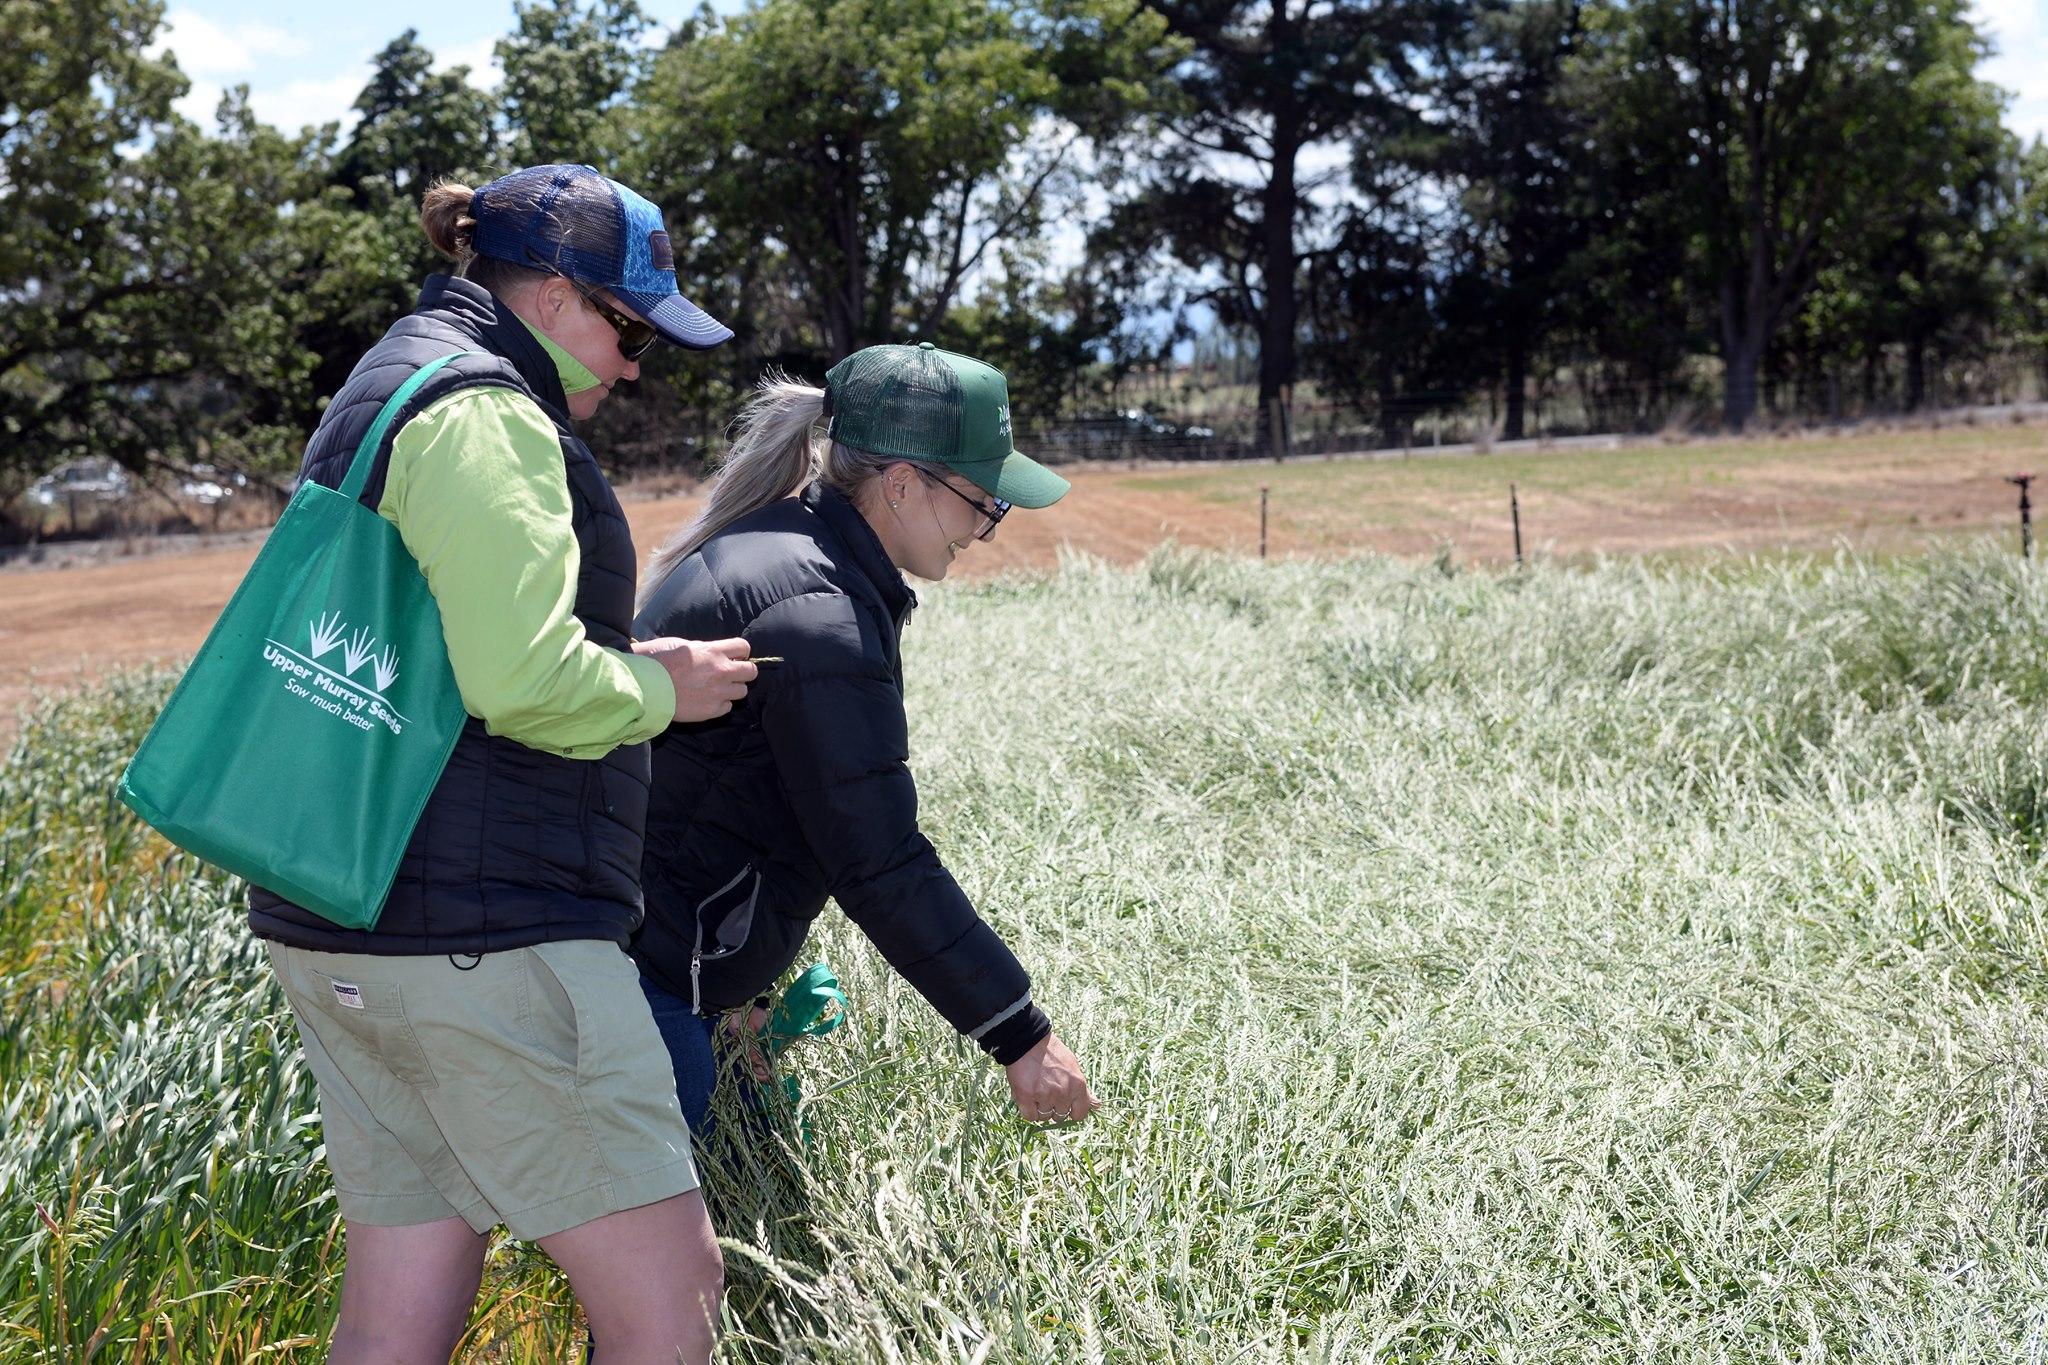 Two ladies looking at pastures